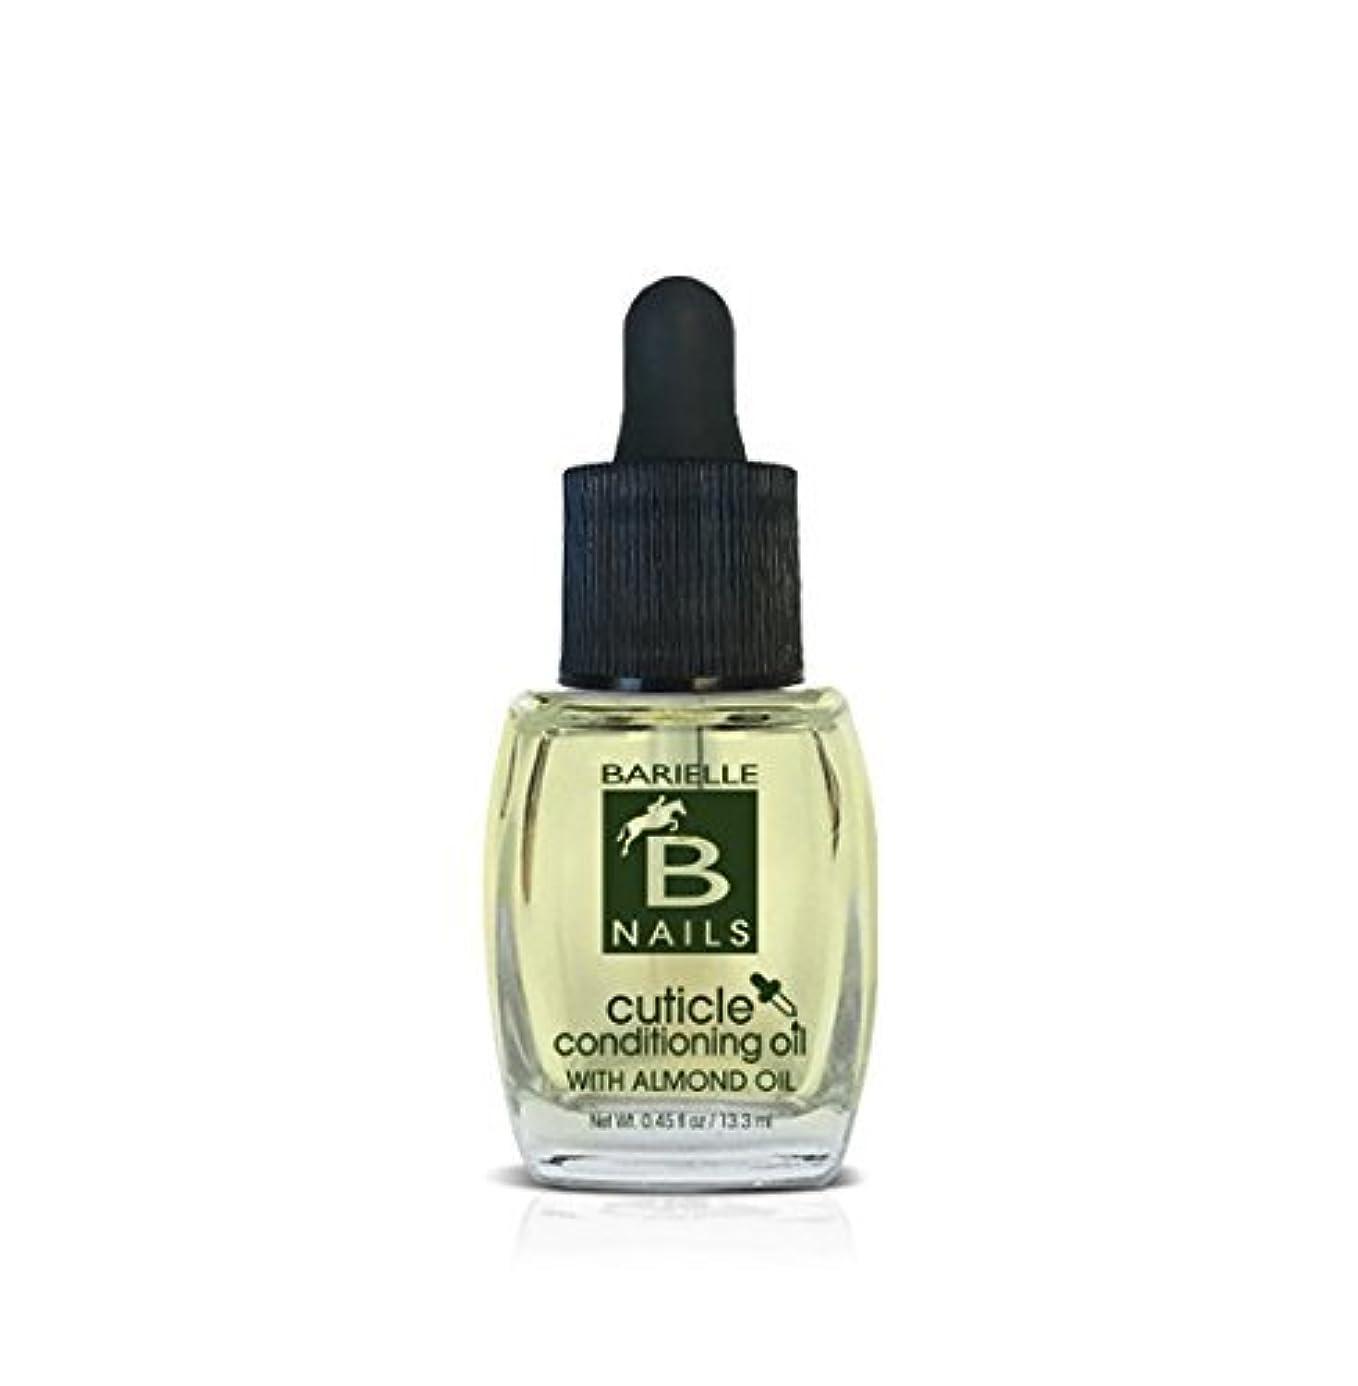 ブリッジセメント揃えるBarielle Nails - Cuticle Conditioning Oil with Almond Oil w/ Dropper - 13.3 mL / 0.45 oz